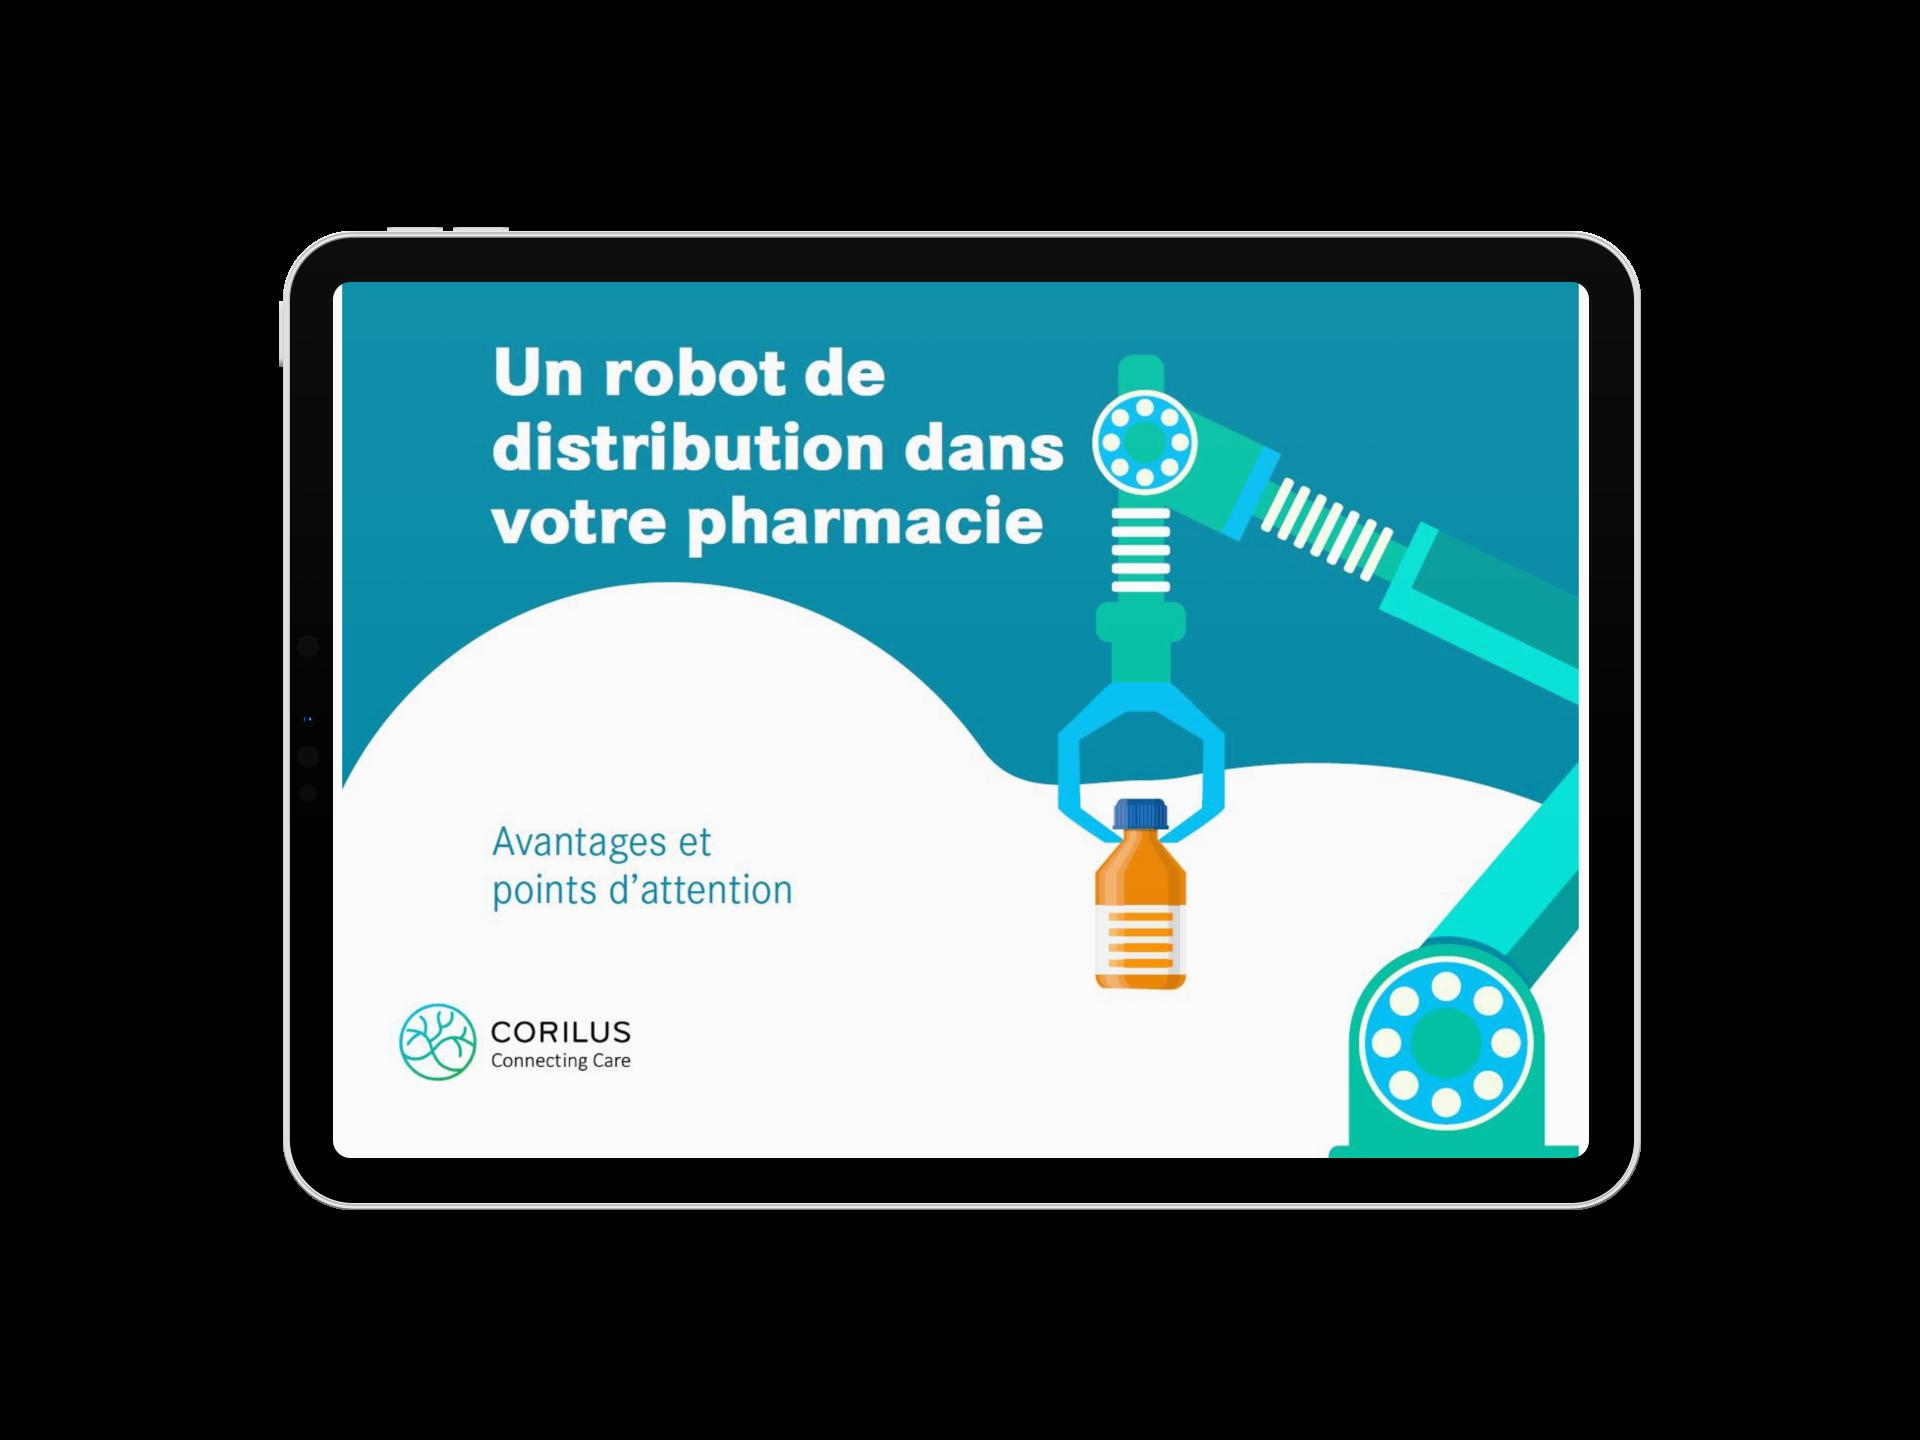 mockup-pharmacie-robot-distribution